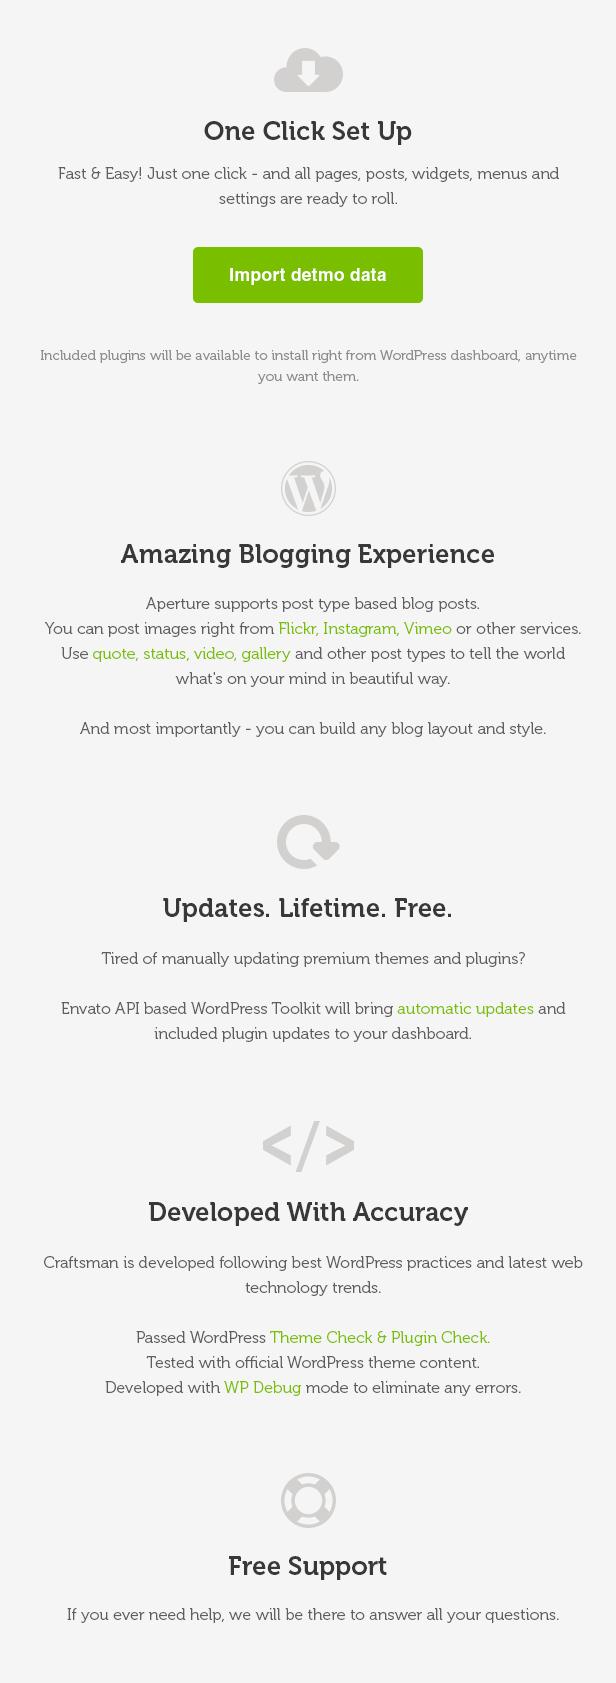 Craftsman | WordPress Craftsmanship Theme - 11